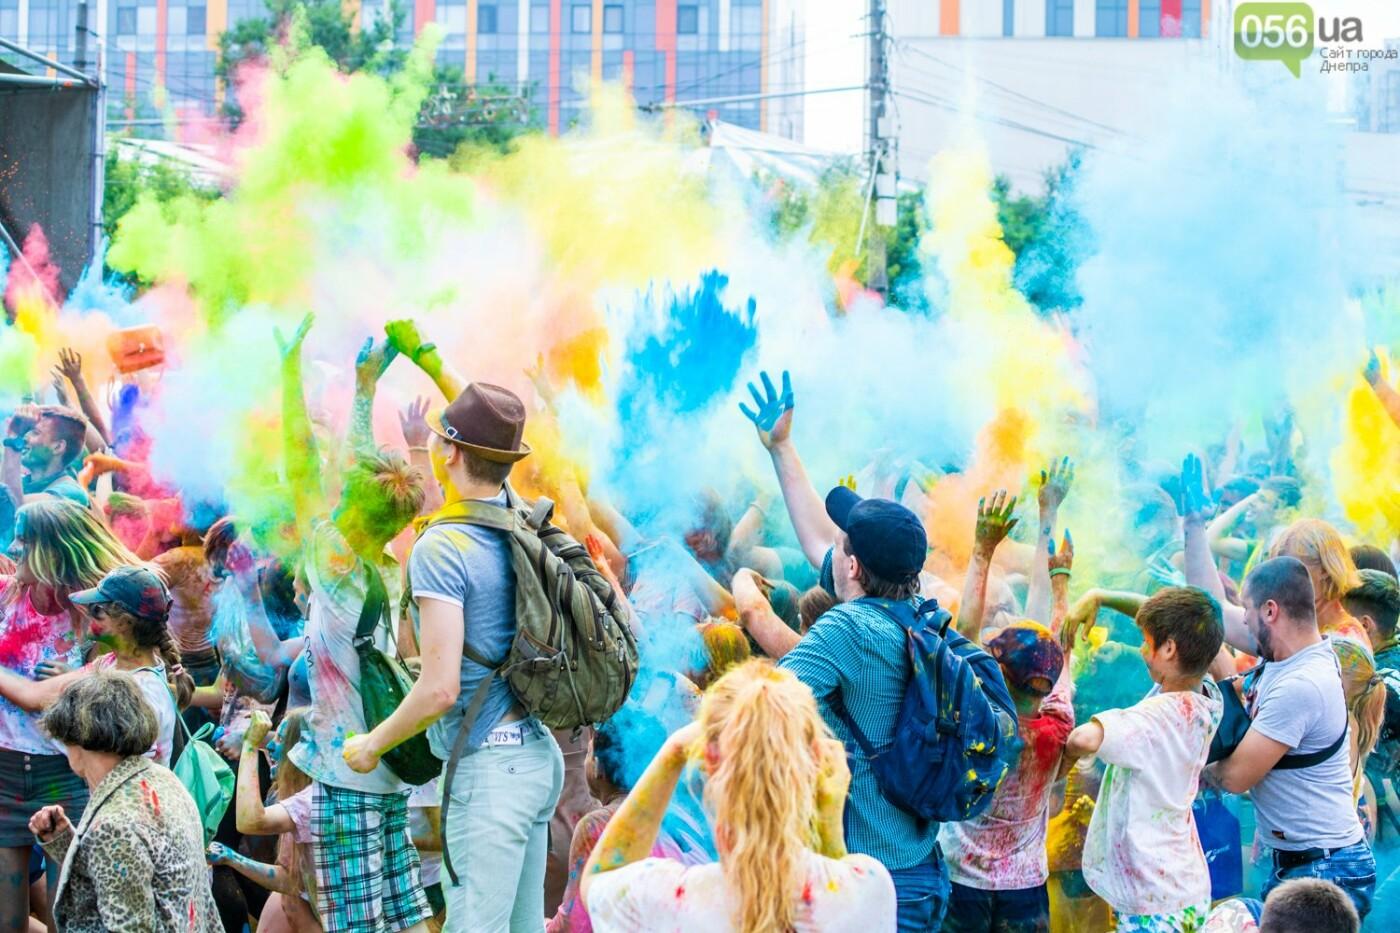 Фестиваль красок и свадьбы: как в Днепре прошел День молодежи, - ФОТОРЕПОРТАЖ, ВИДЕО, фото-19